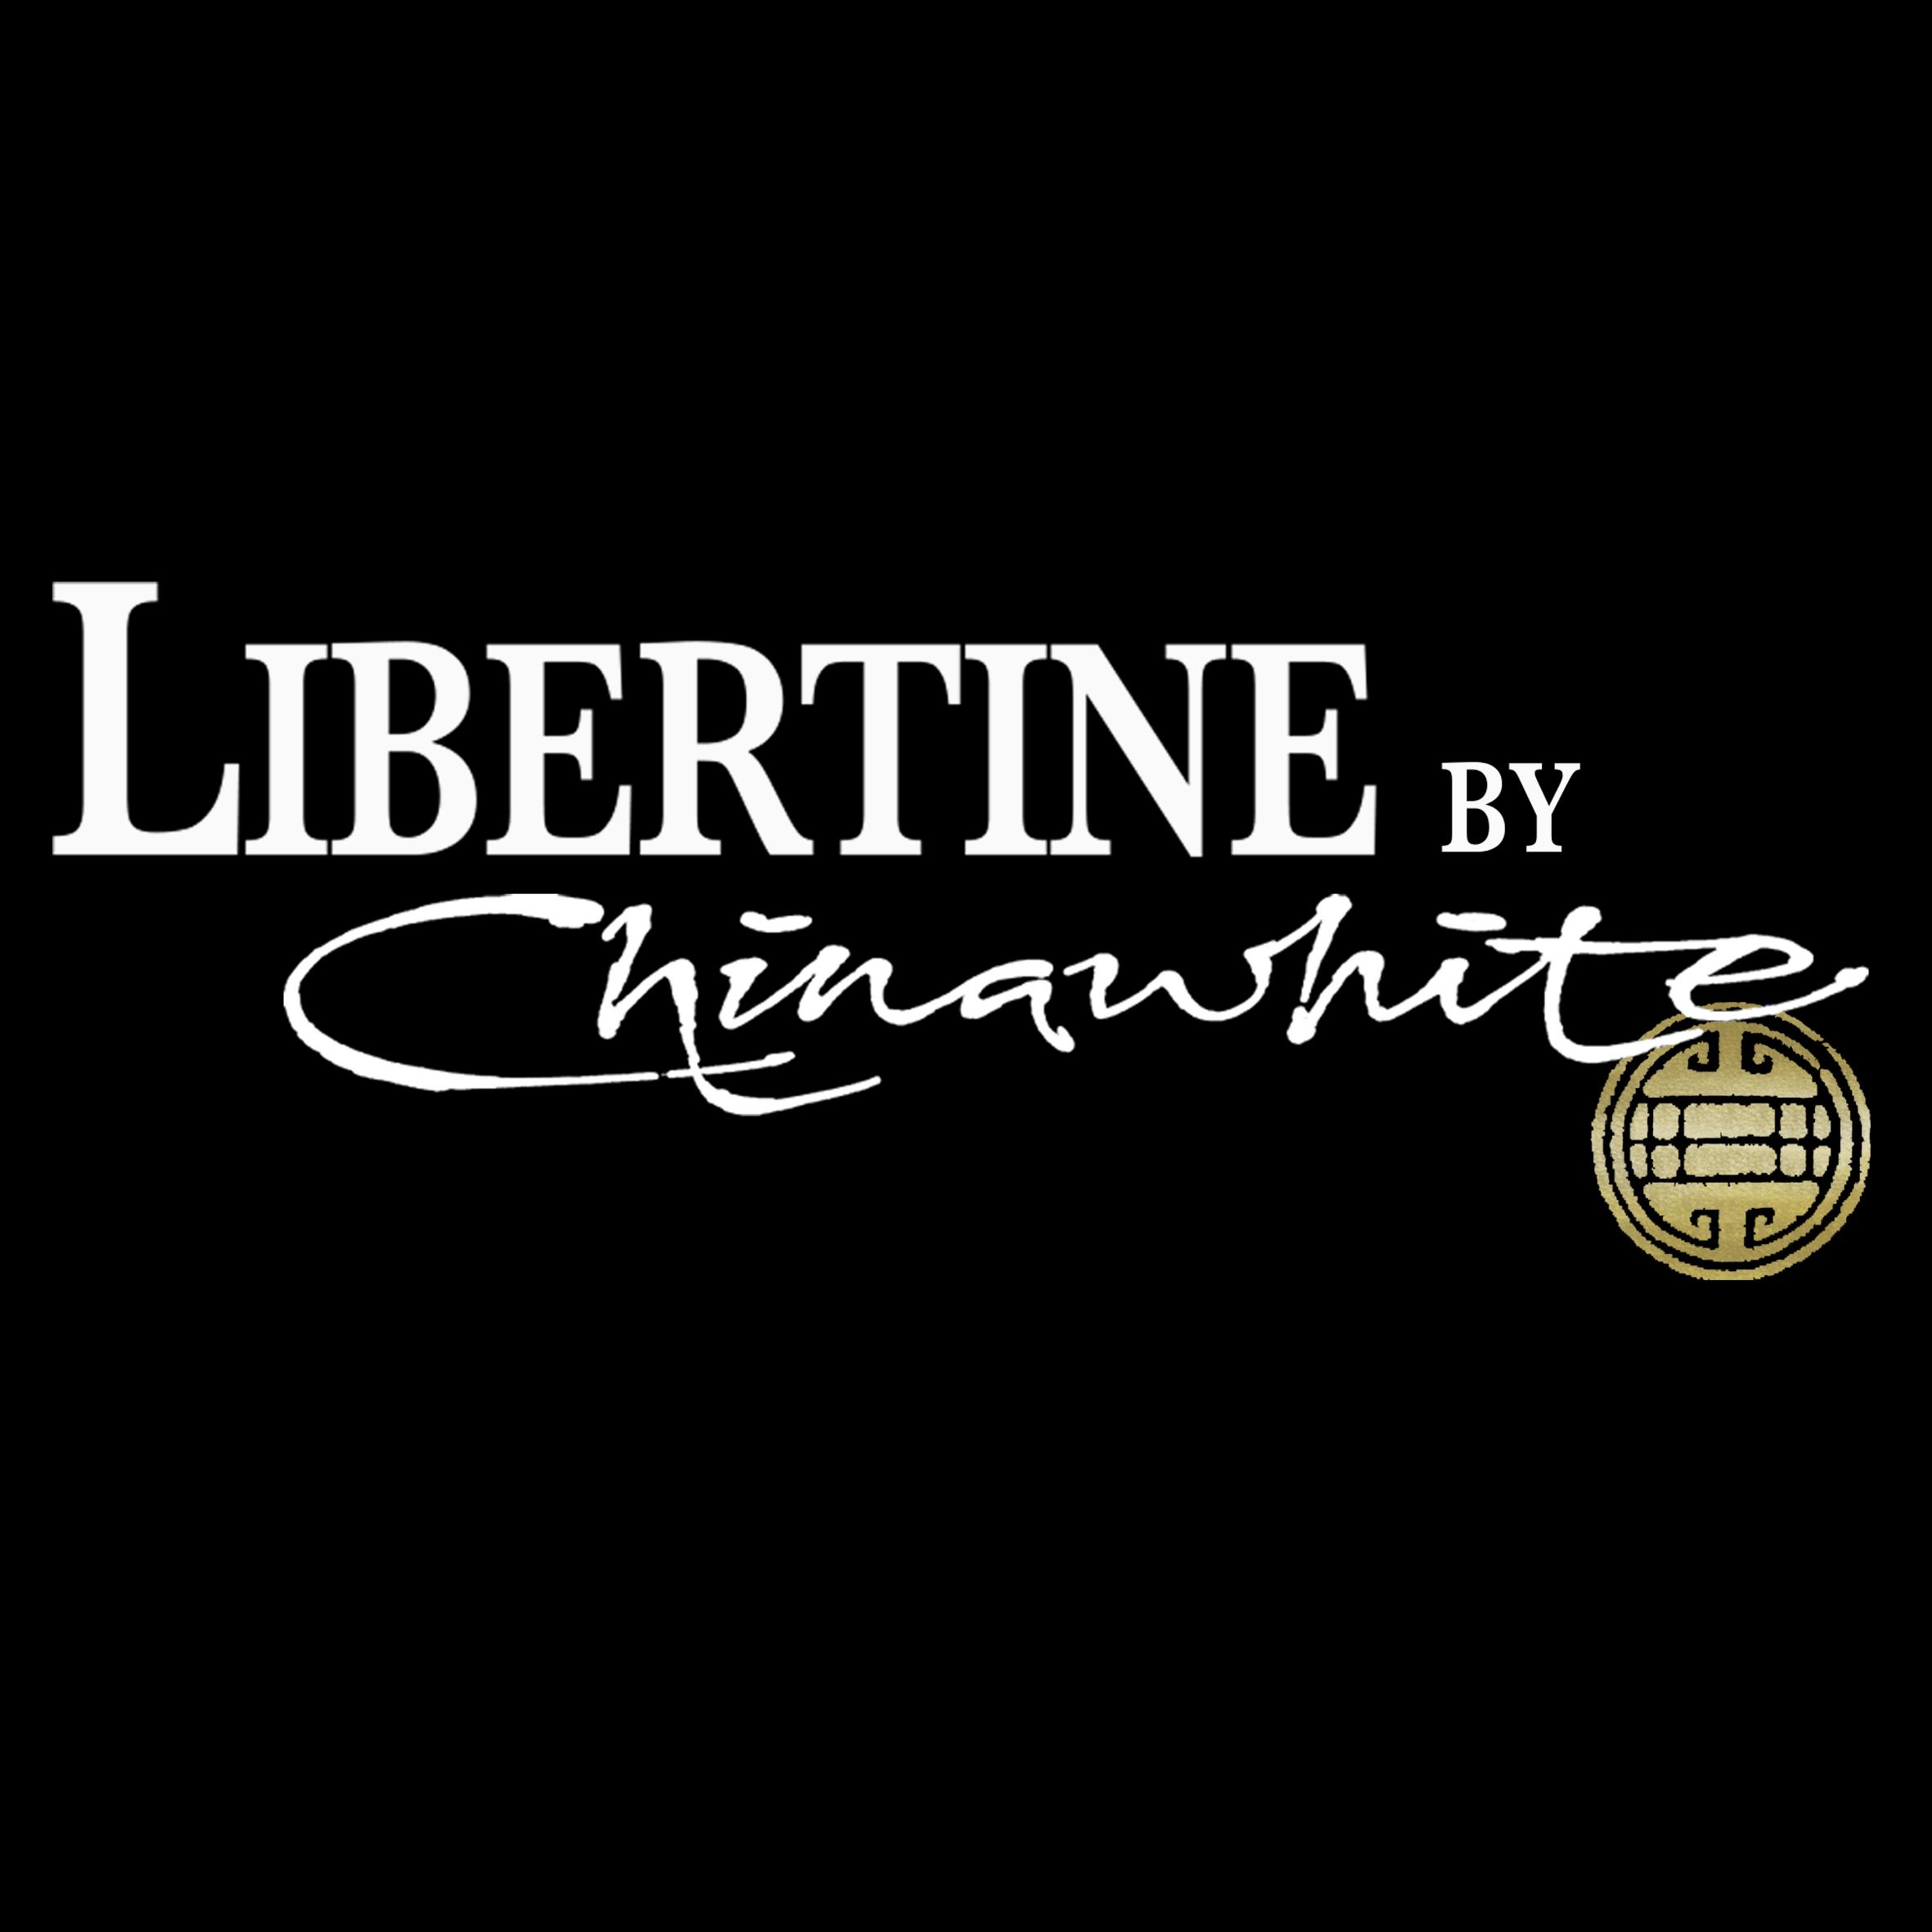 place li bertine logo libertin